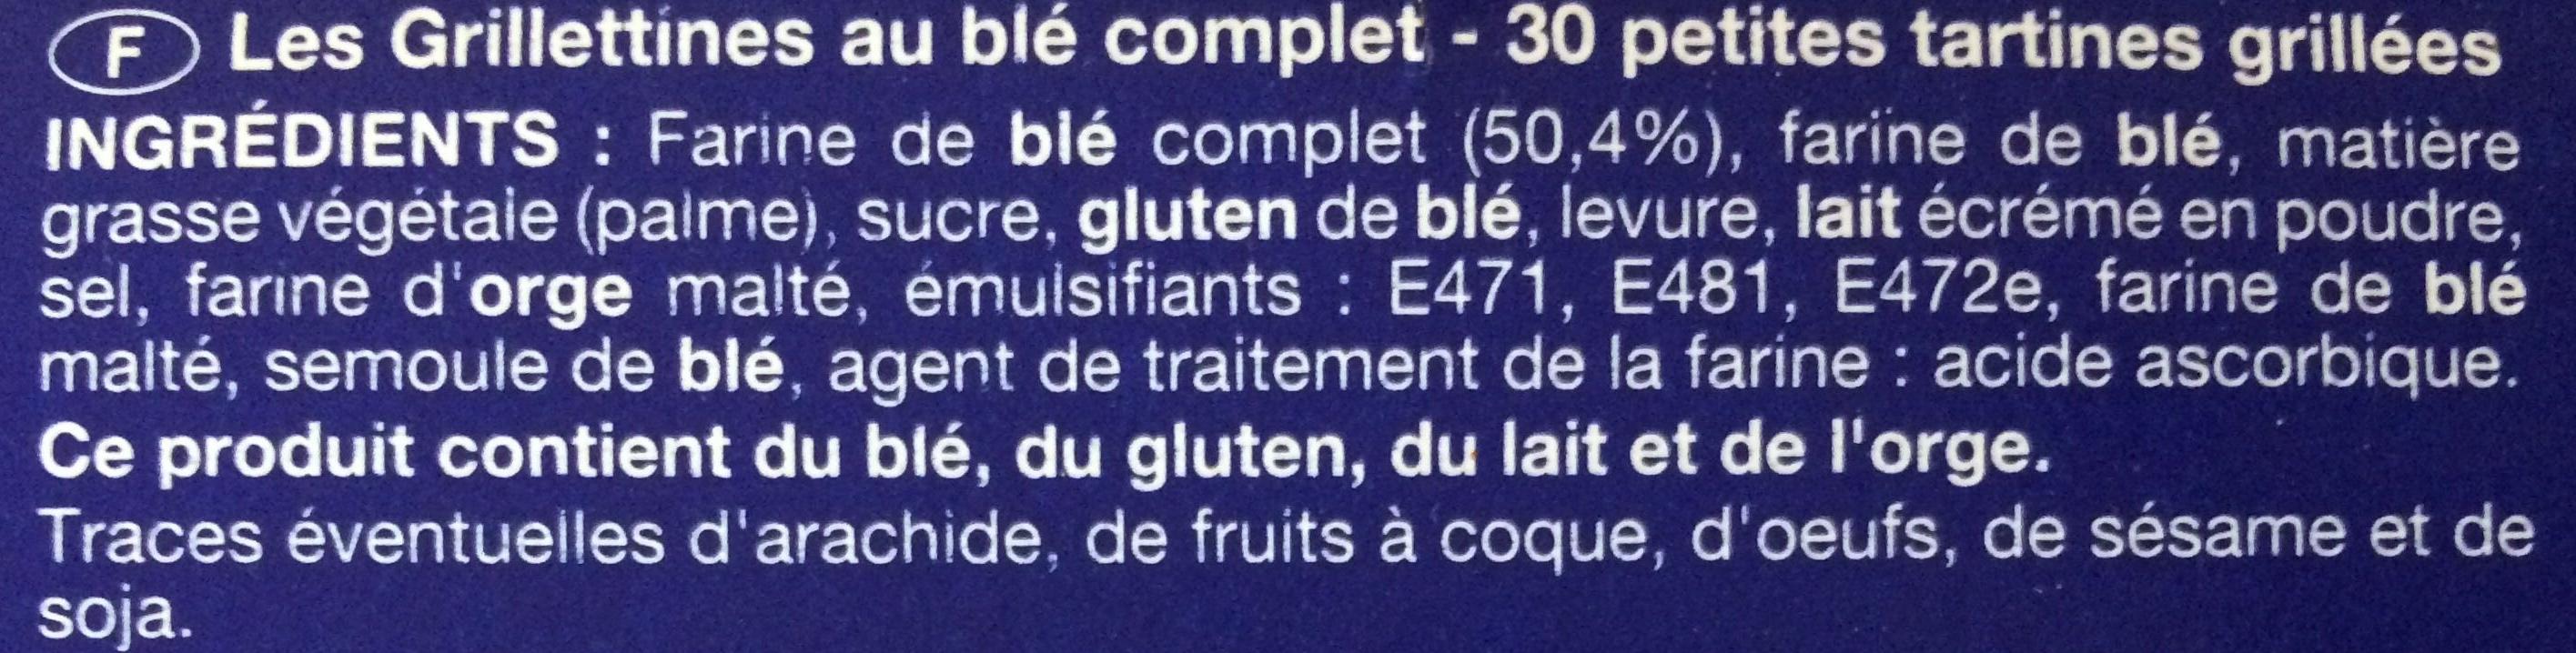 Les Grillettines au blé complet - Ingrédients